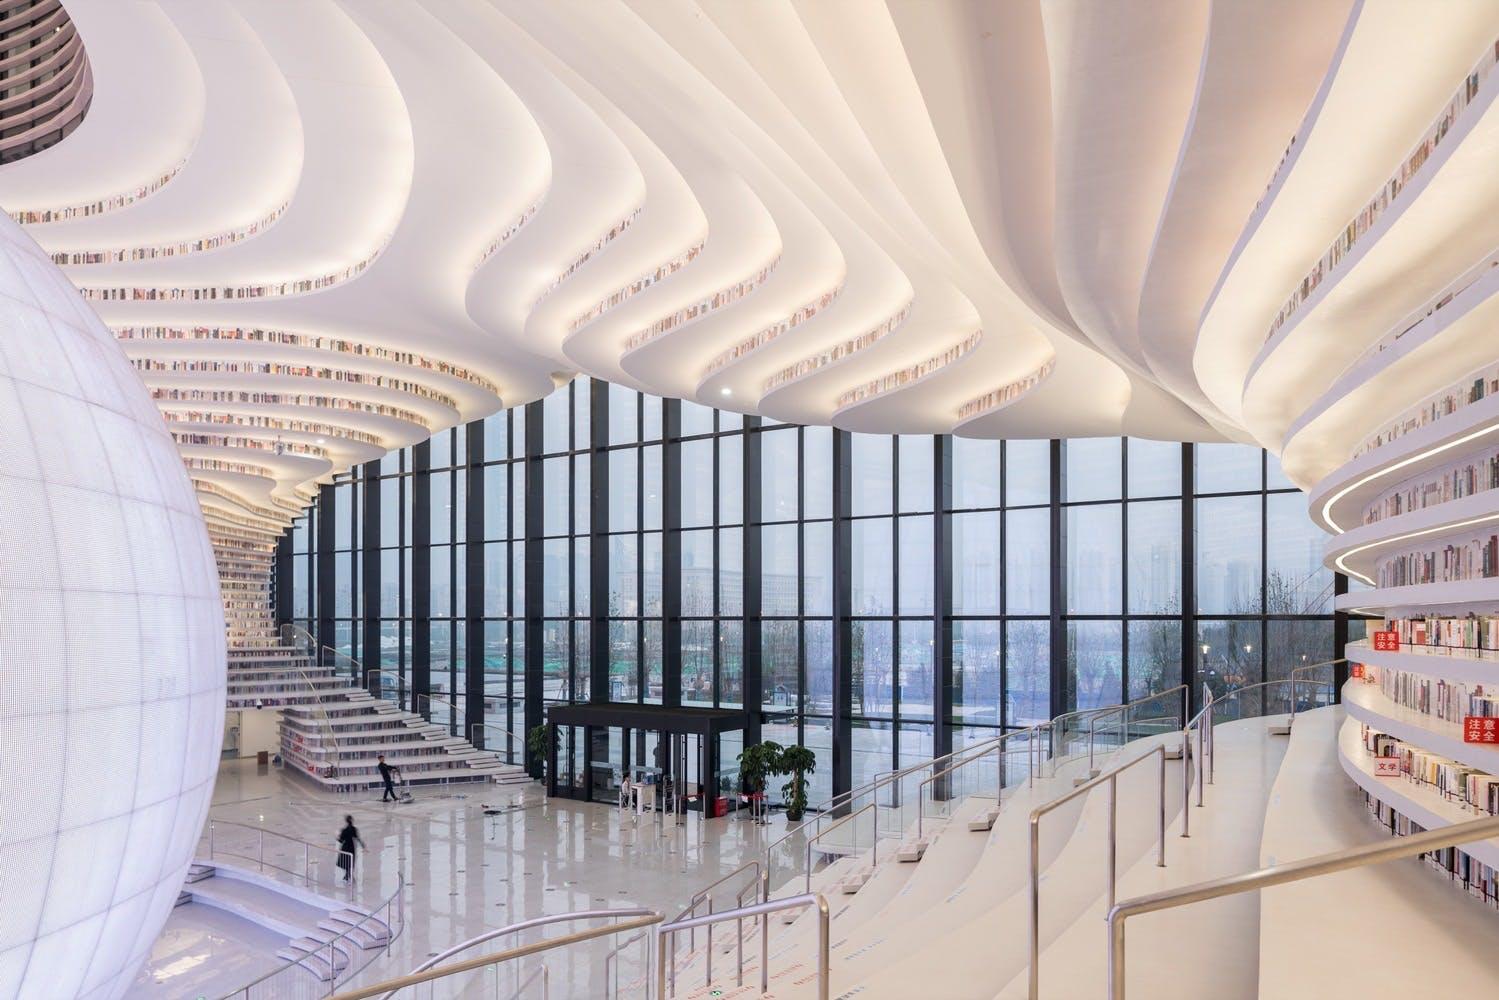 bibliotek kina arkitektur struktur bøger design udsigt glasvinduer